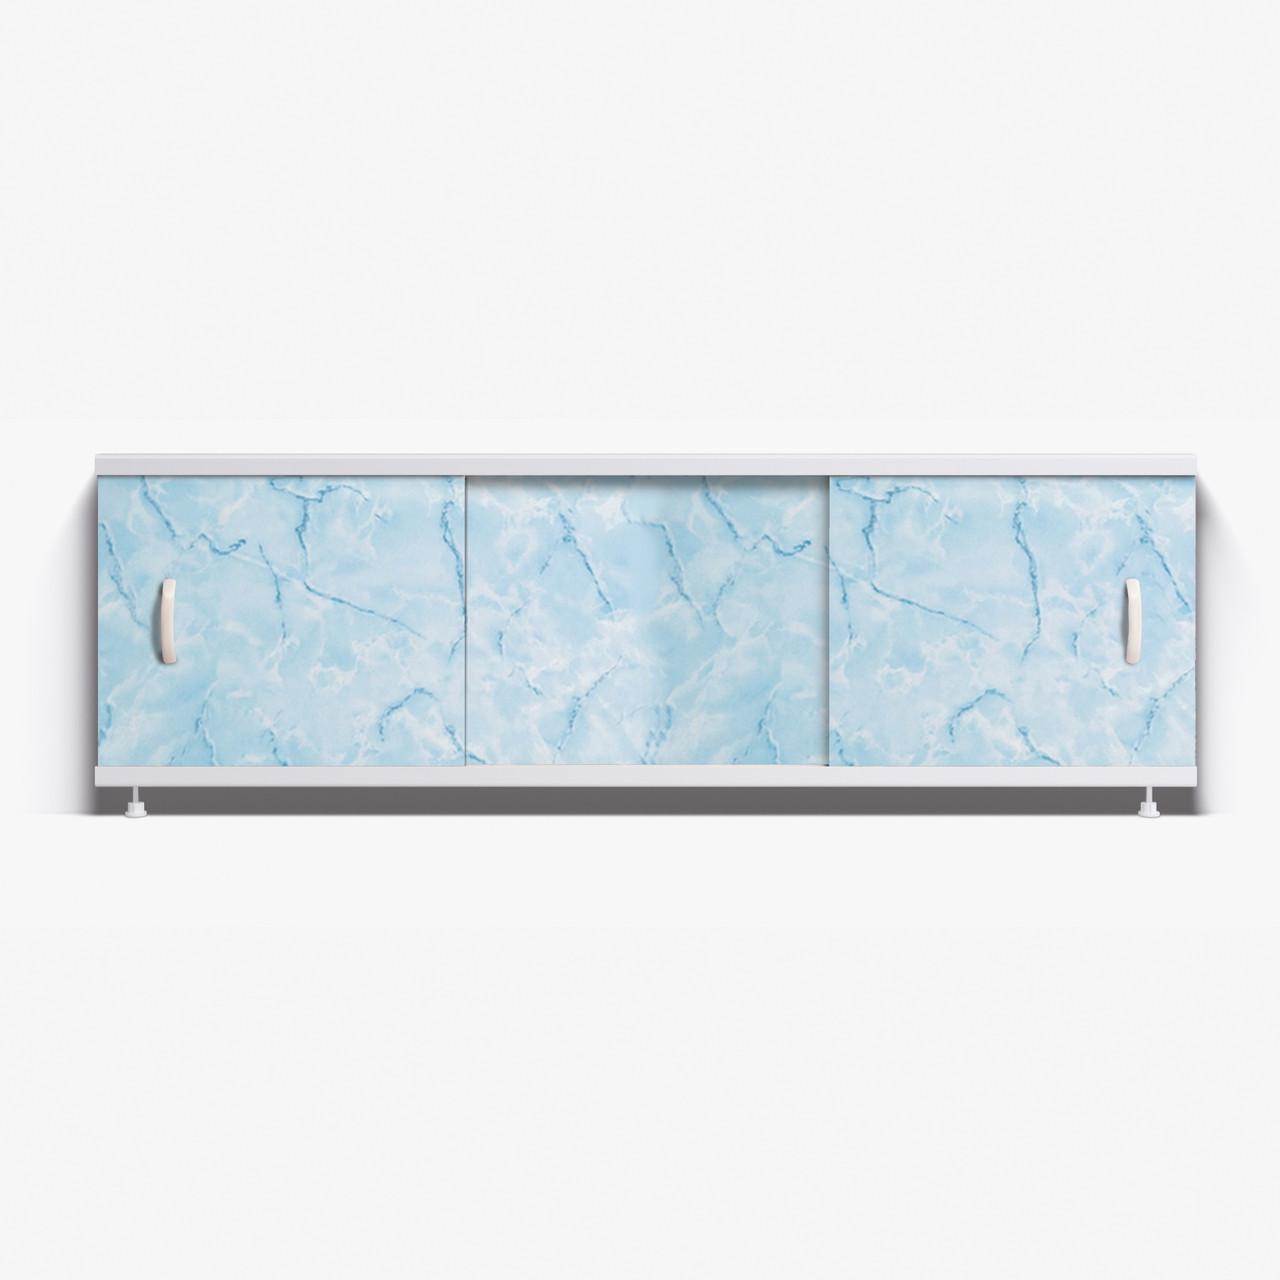 Панель для ванны Alavann Престиж 1.5 м  //  30-голубой мрамор